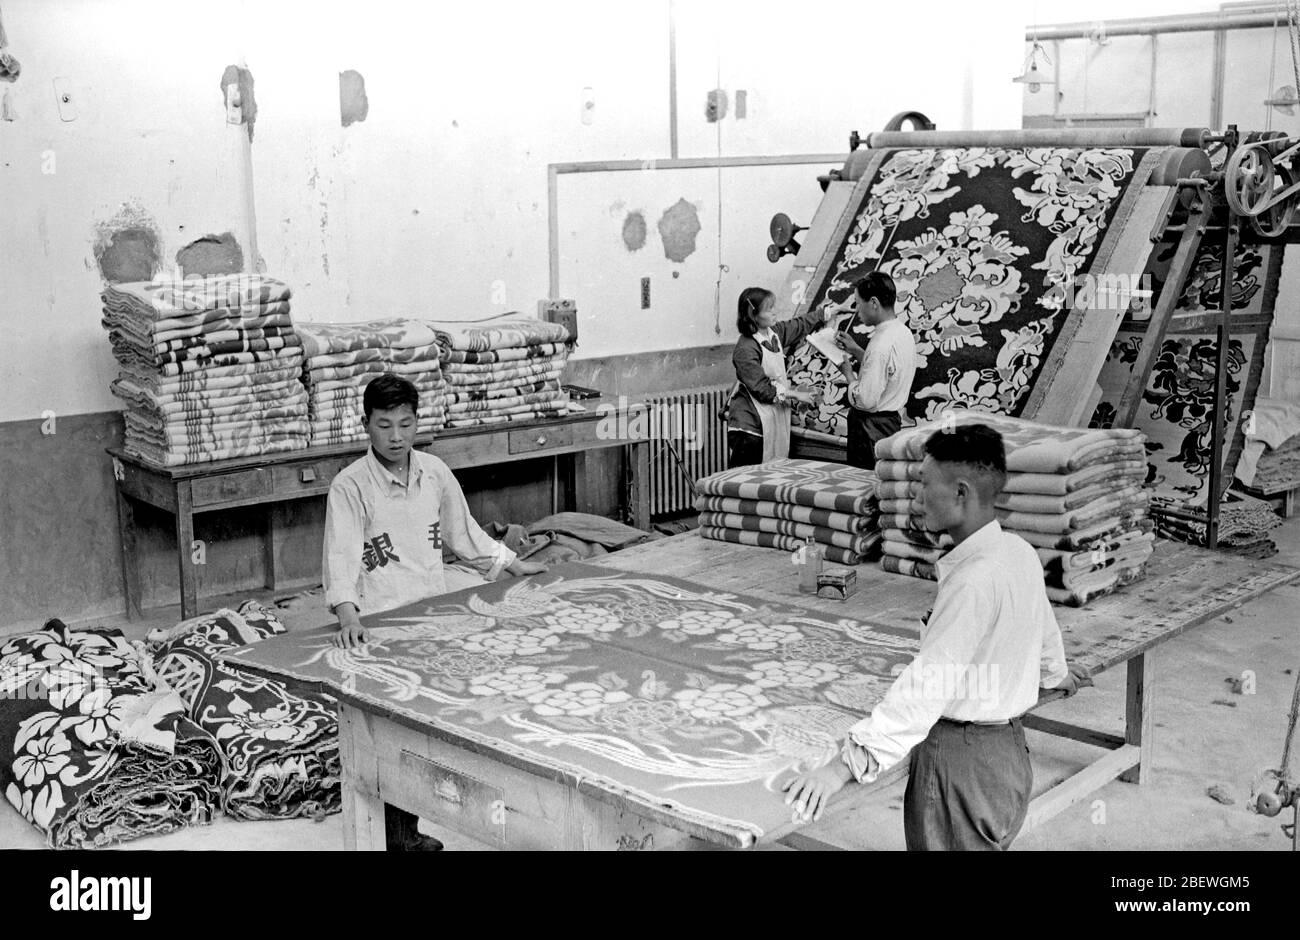 En juin 1958, la couverture de jacquard de la fabrique de filature de laine Yinchuan Banque D'Images